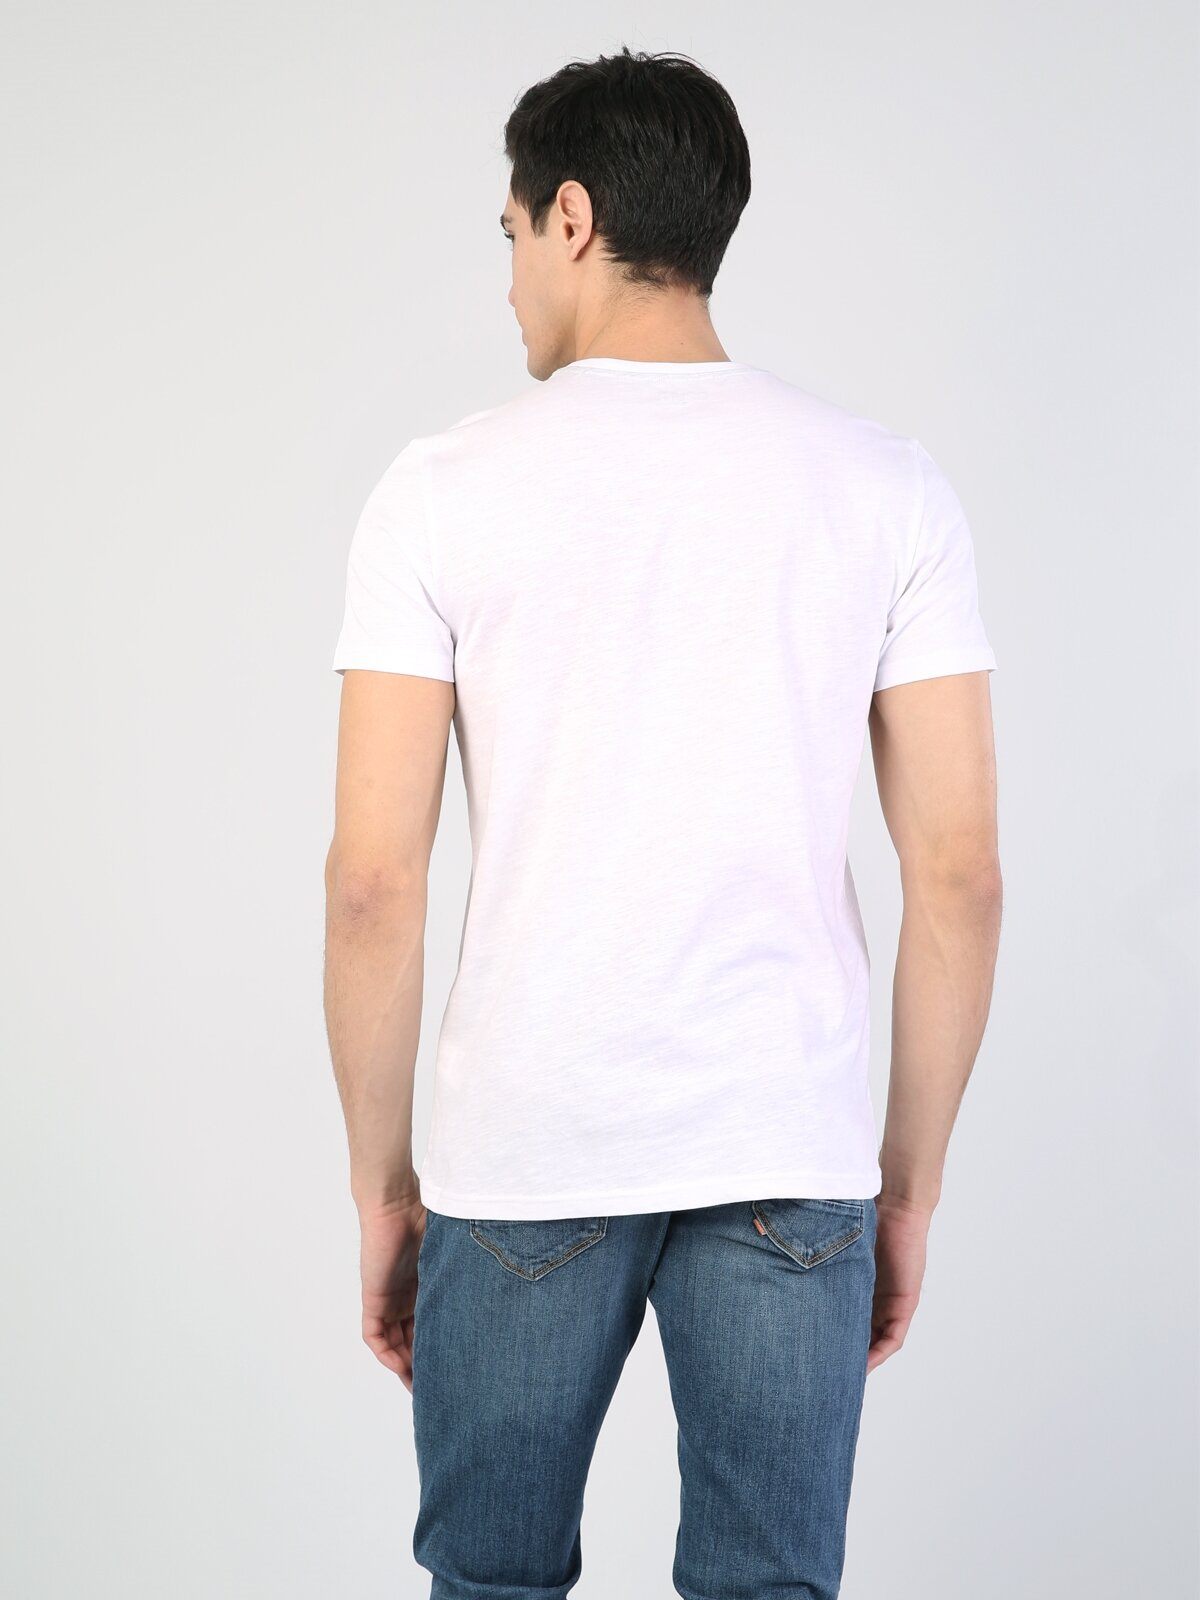 Beyaz Yuvarlak Yaka Kısa Kol Tişört